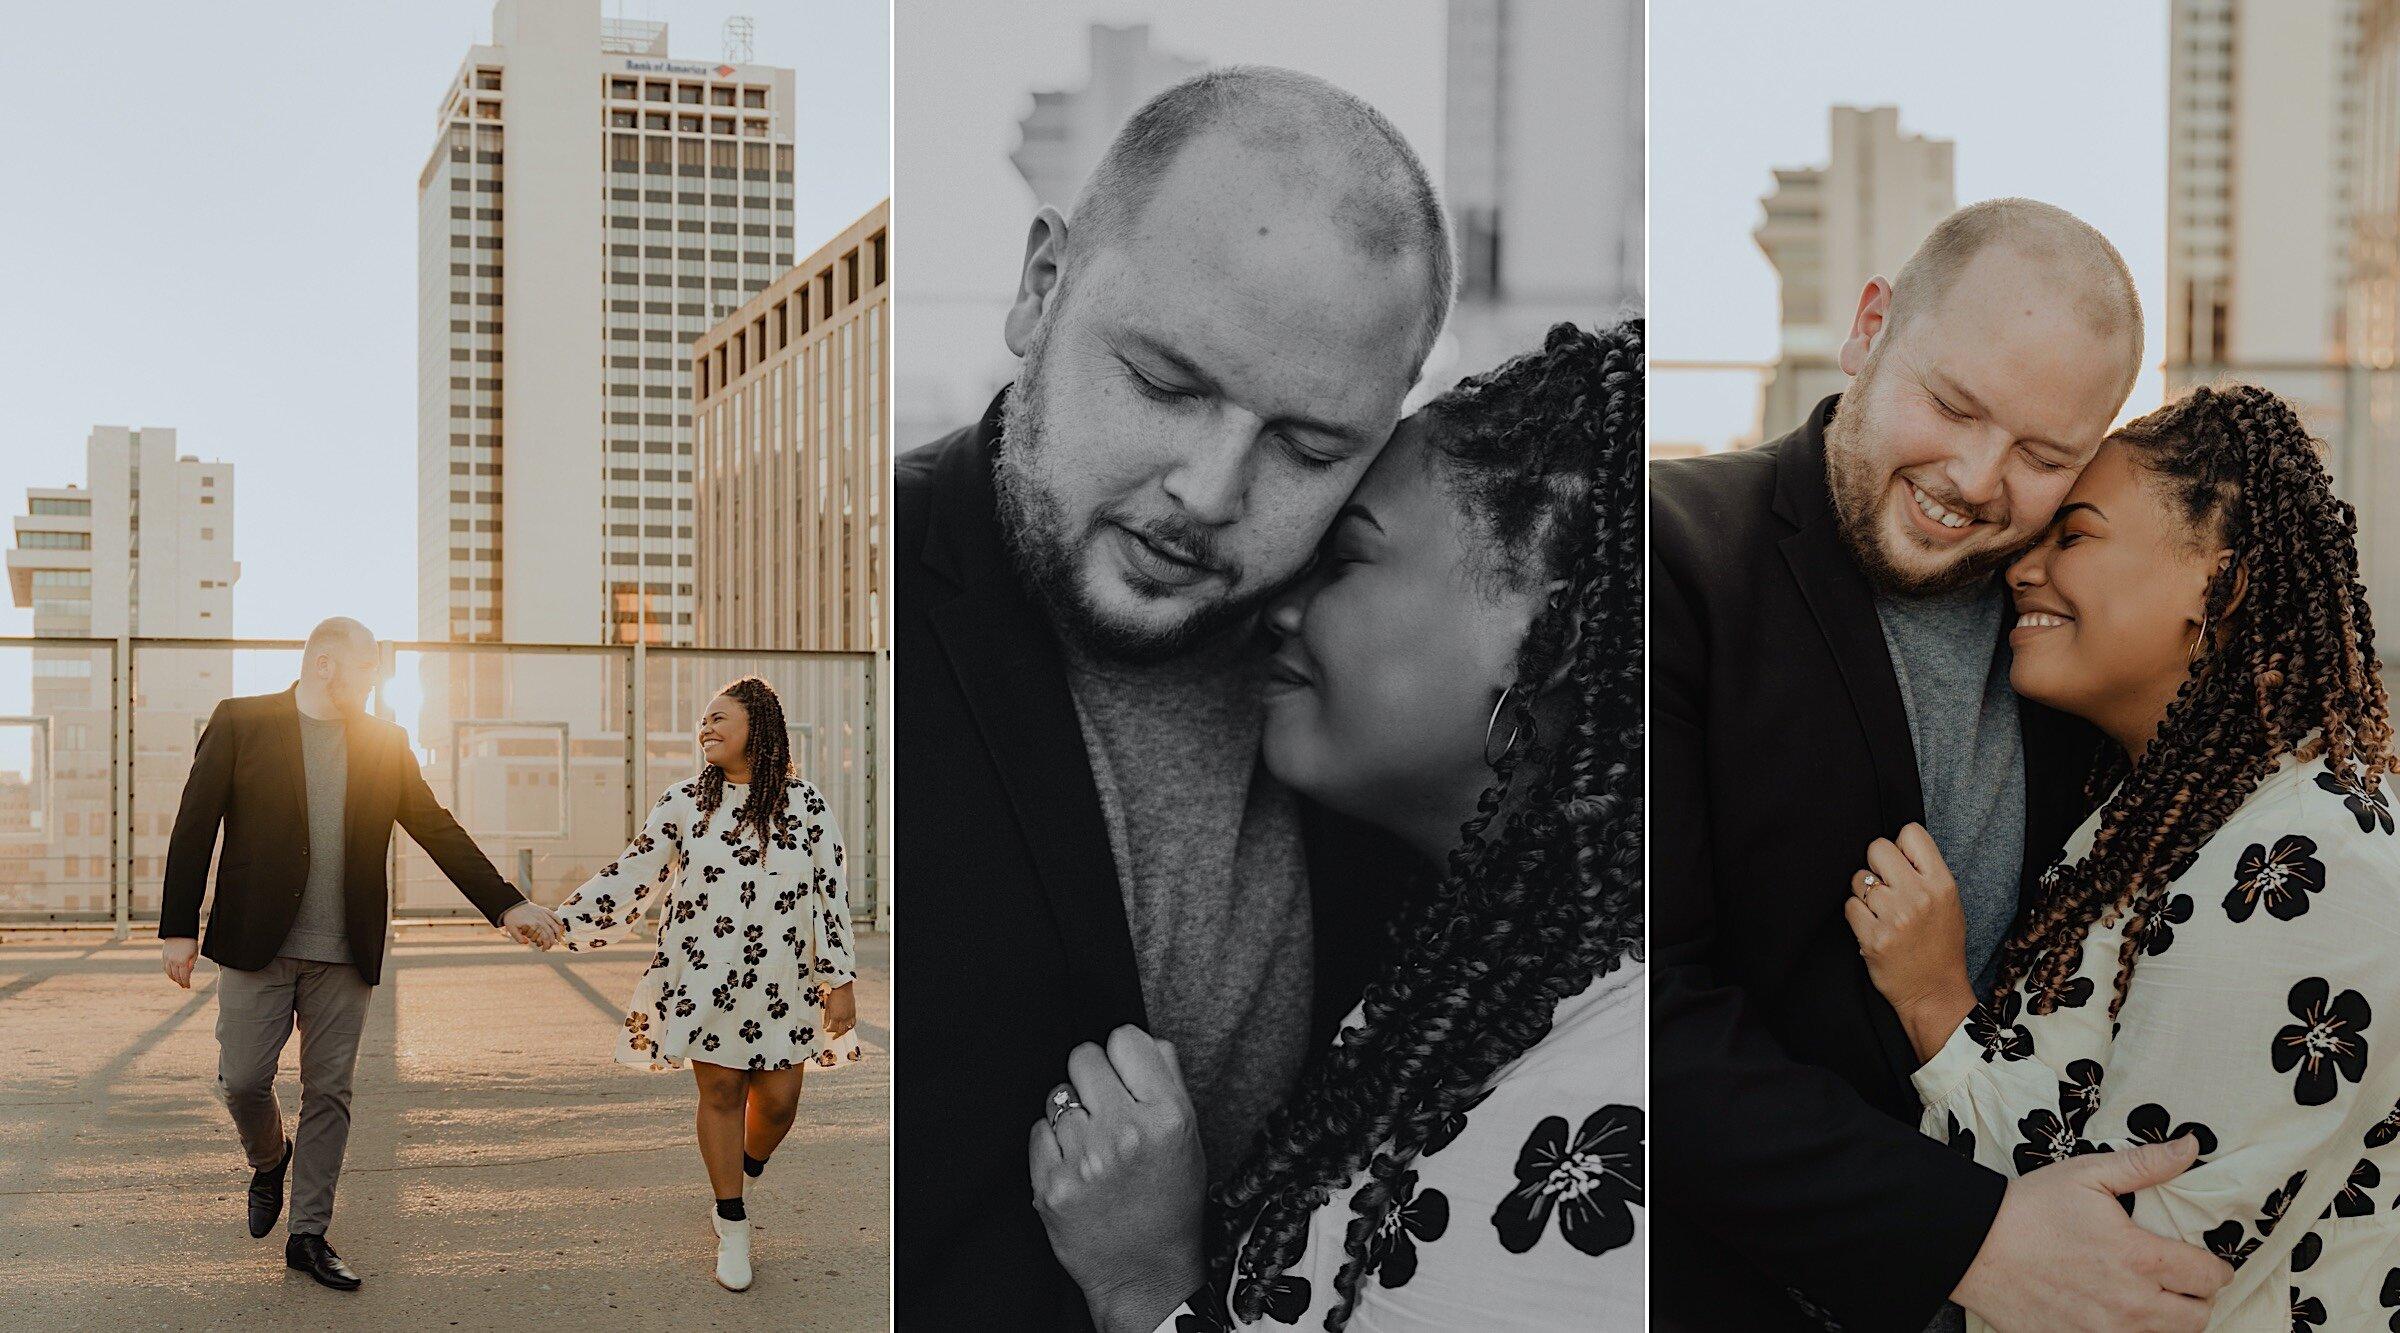 Downtown Tulsa Proposal, 5th & Boston, Downtown Tulsa Proposal